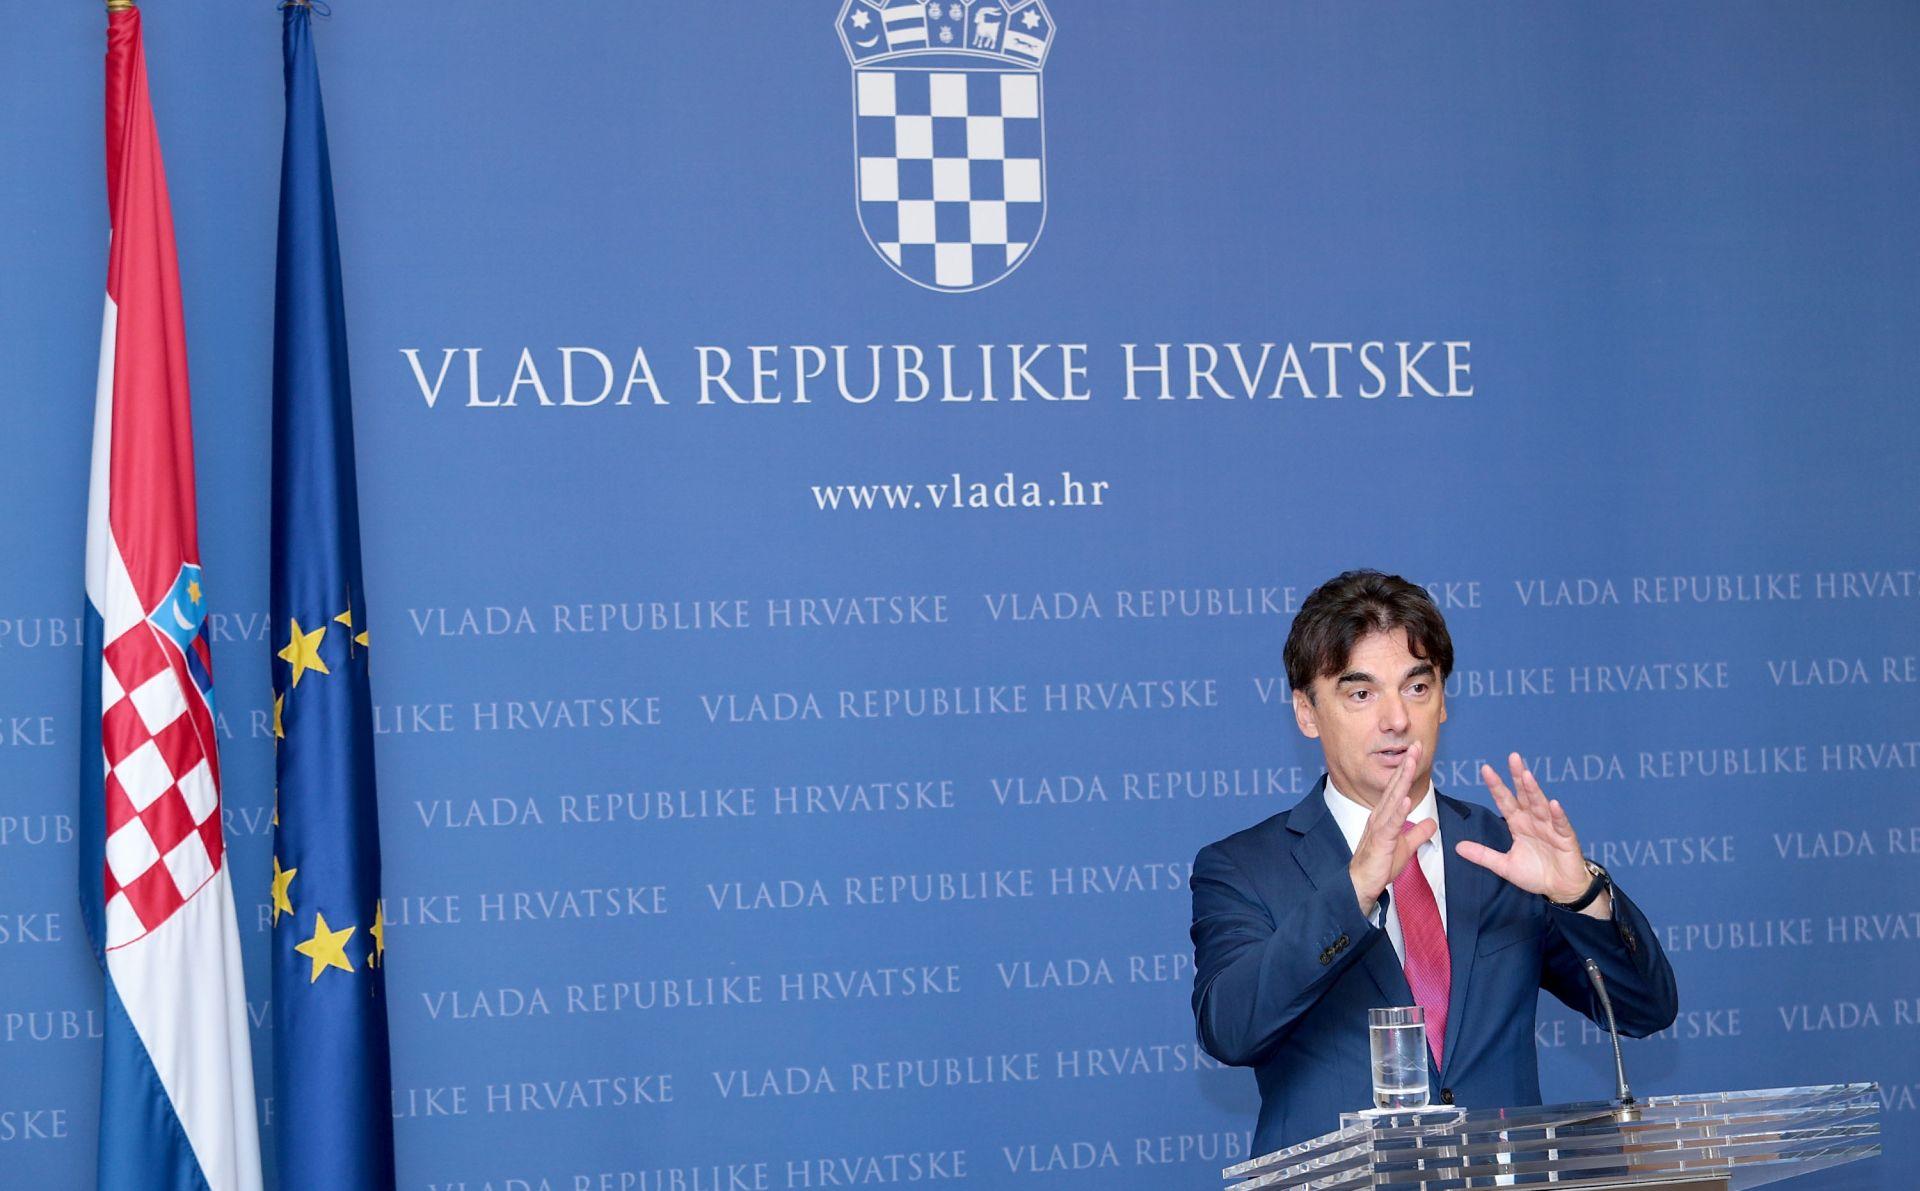 'ŠVICARAC' Branko Grčić i HNB o detaljima rješavanja problema kredita u francima